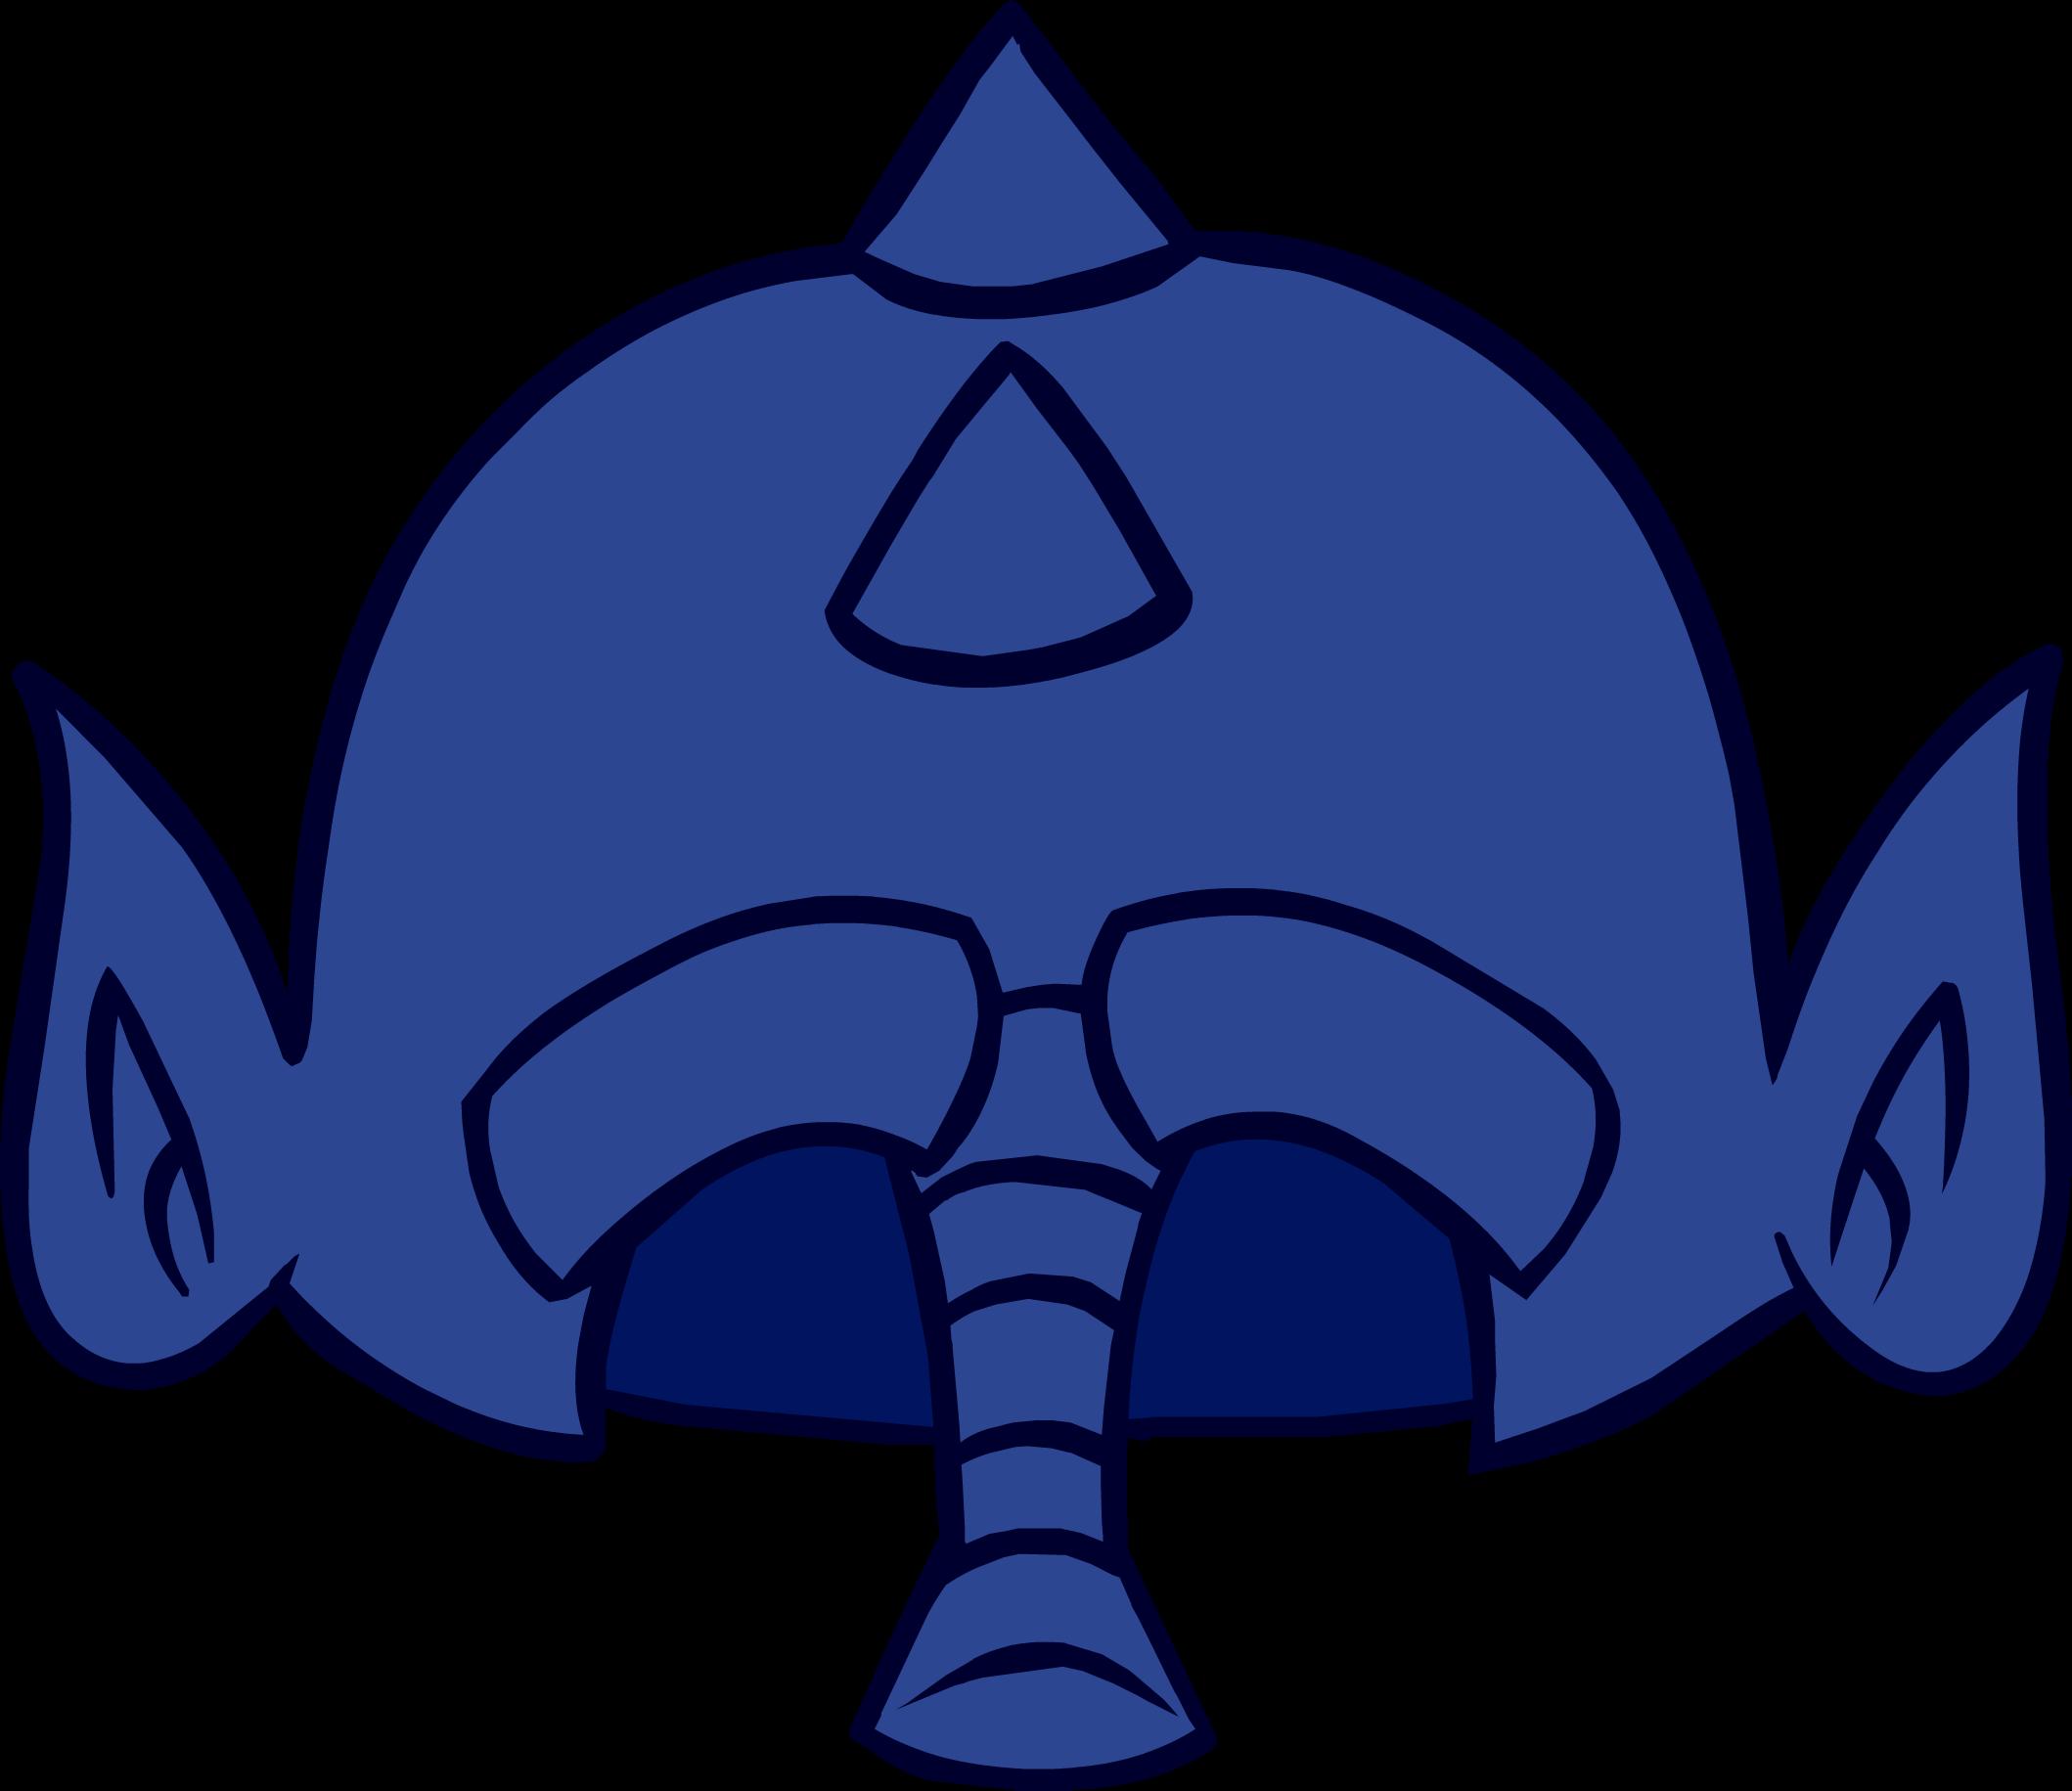 A-Bomb Mask